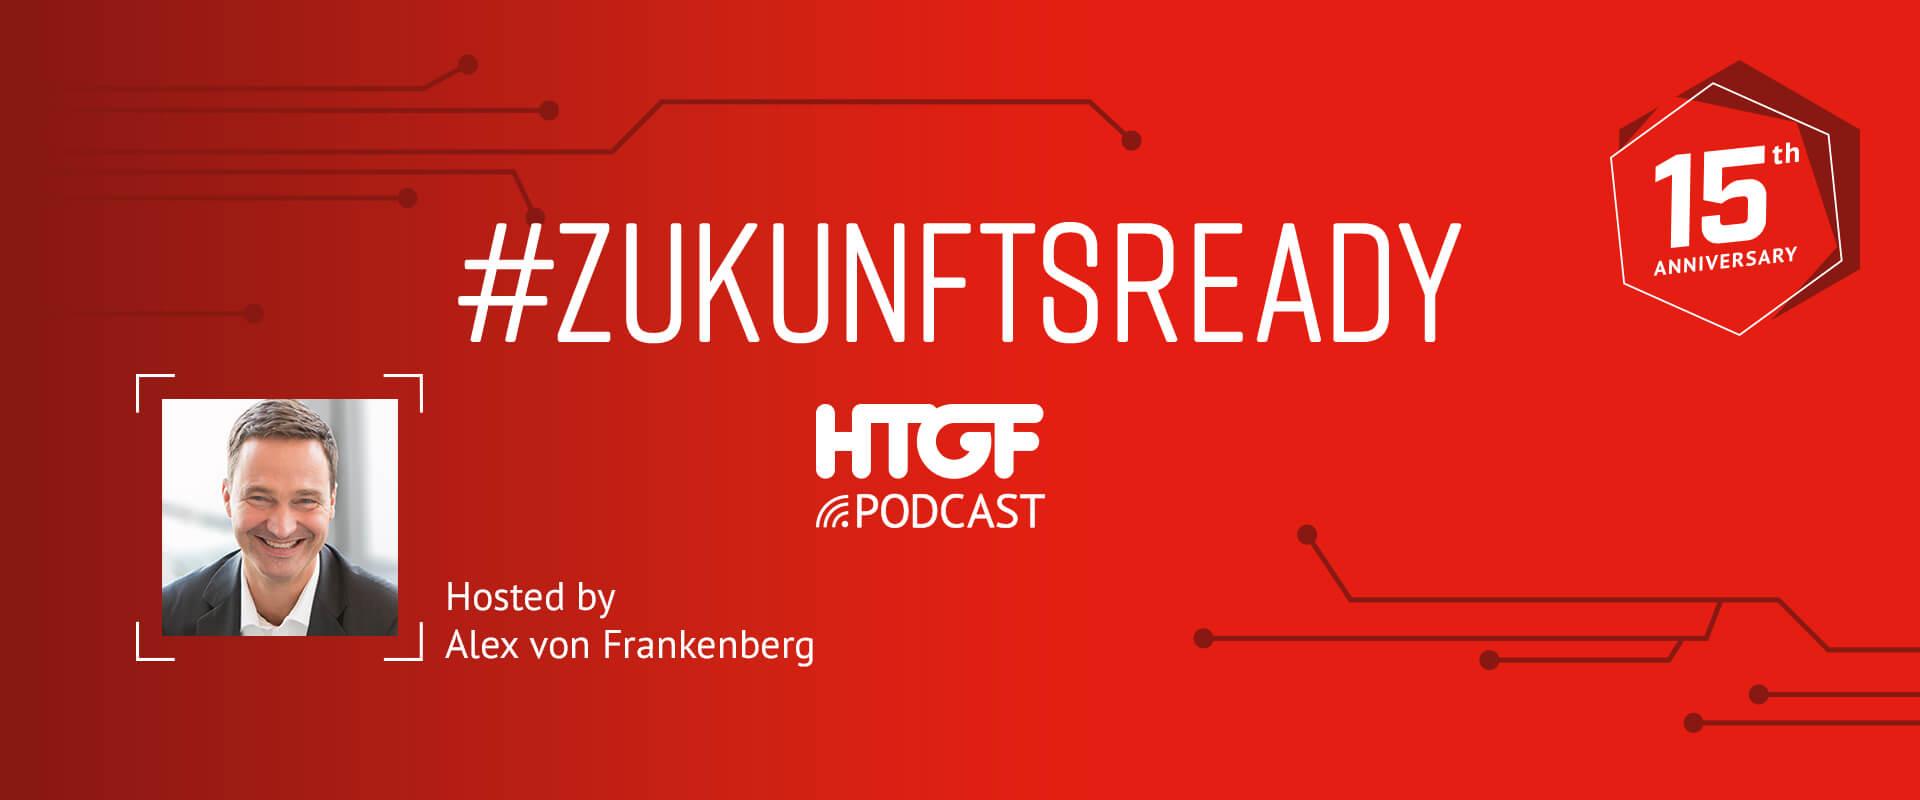 Alex von Frankenberg Podcast ZukunftsReady